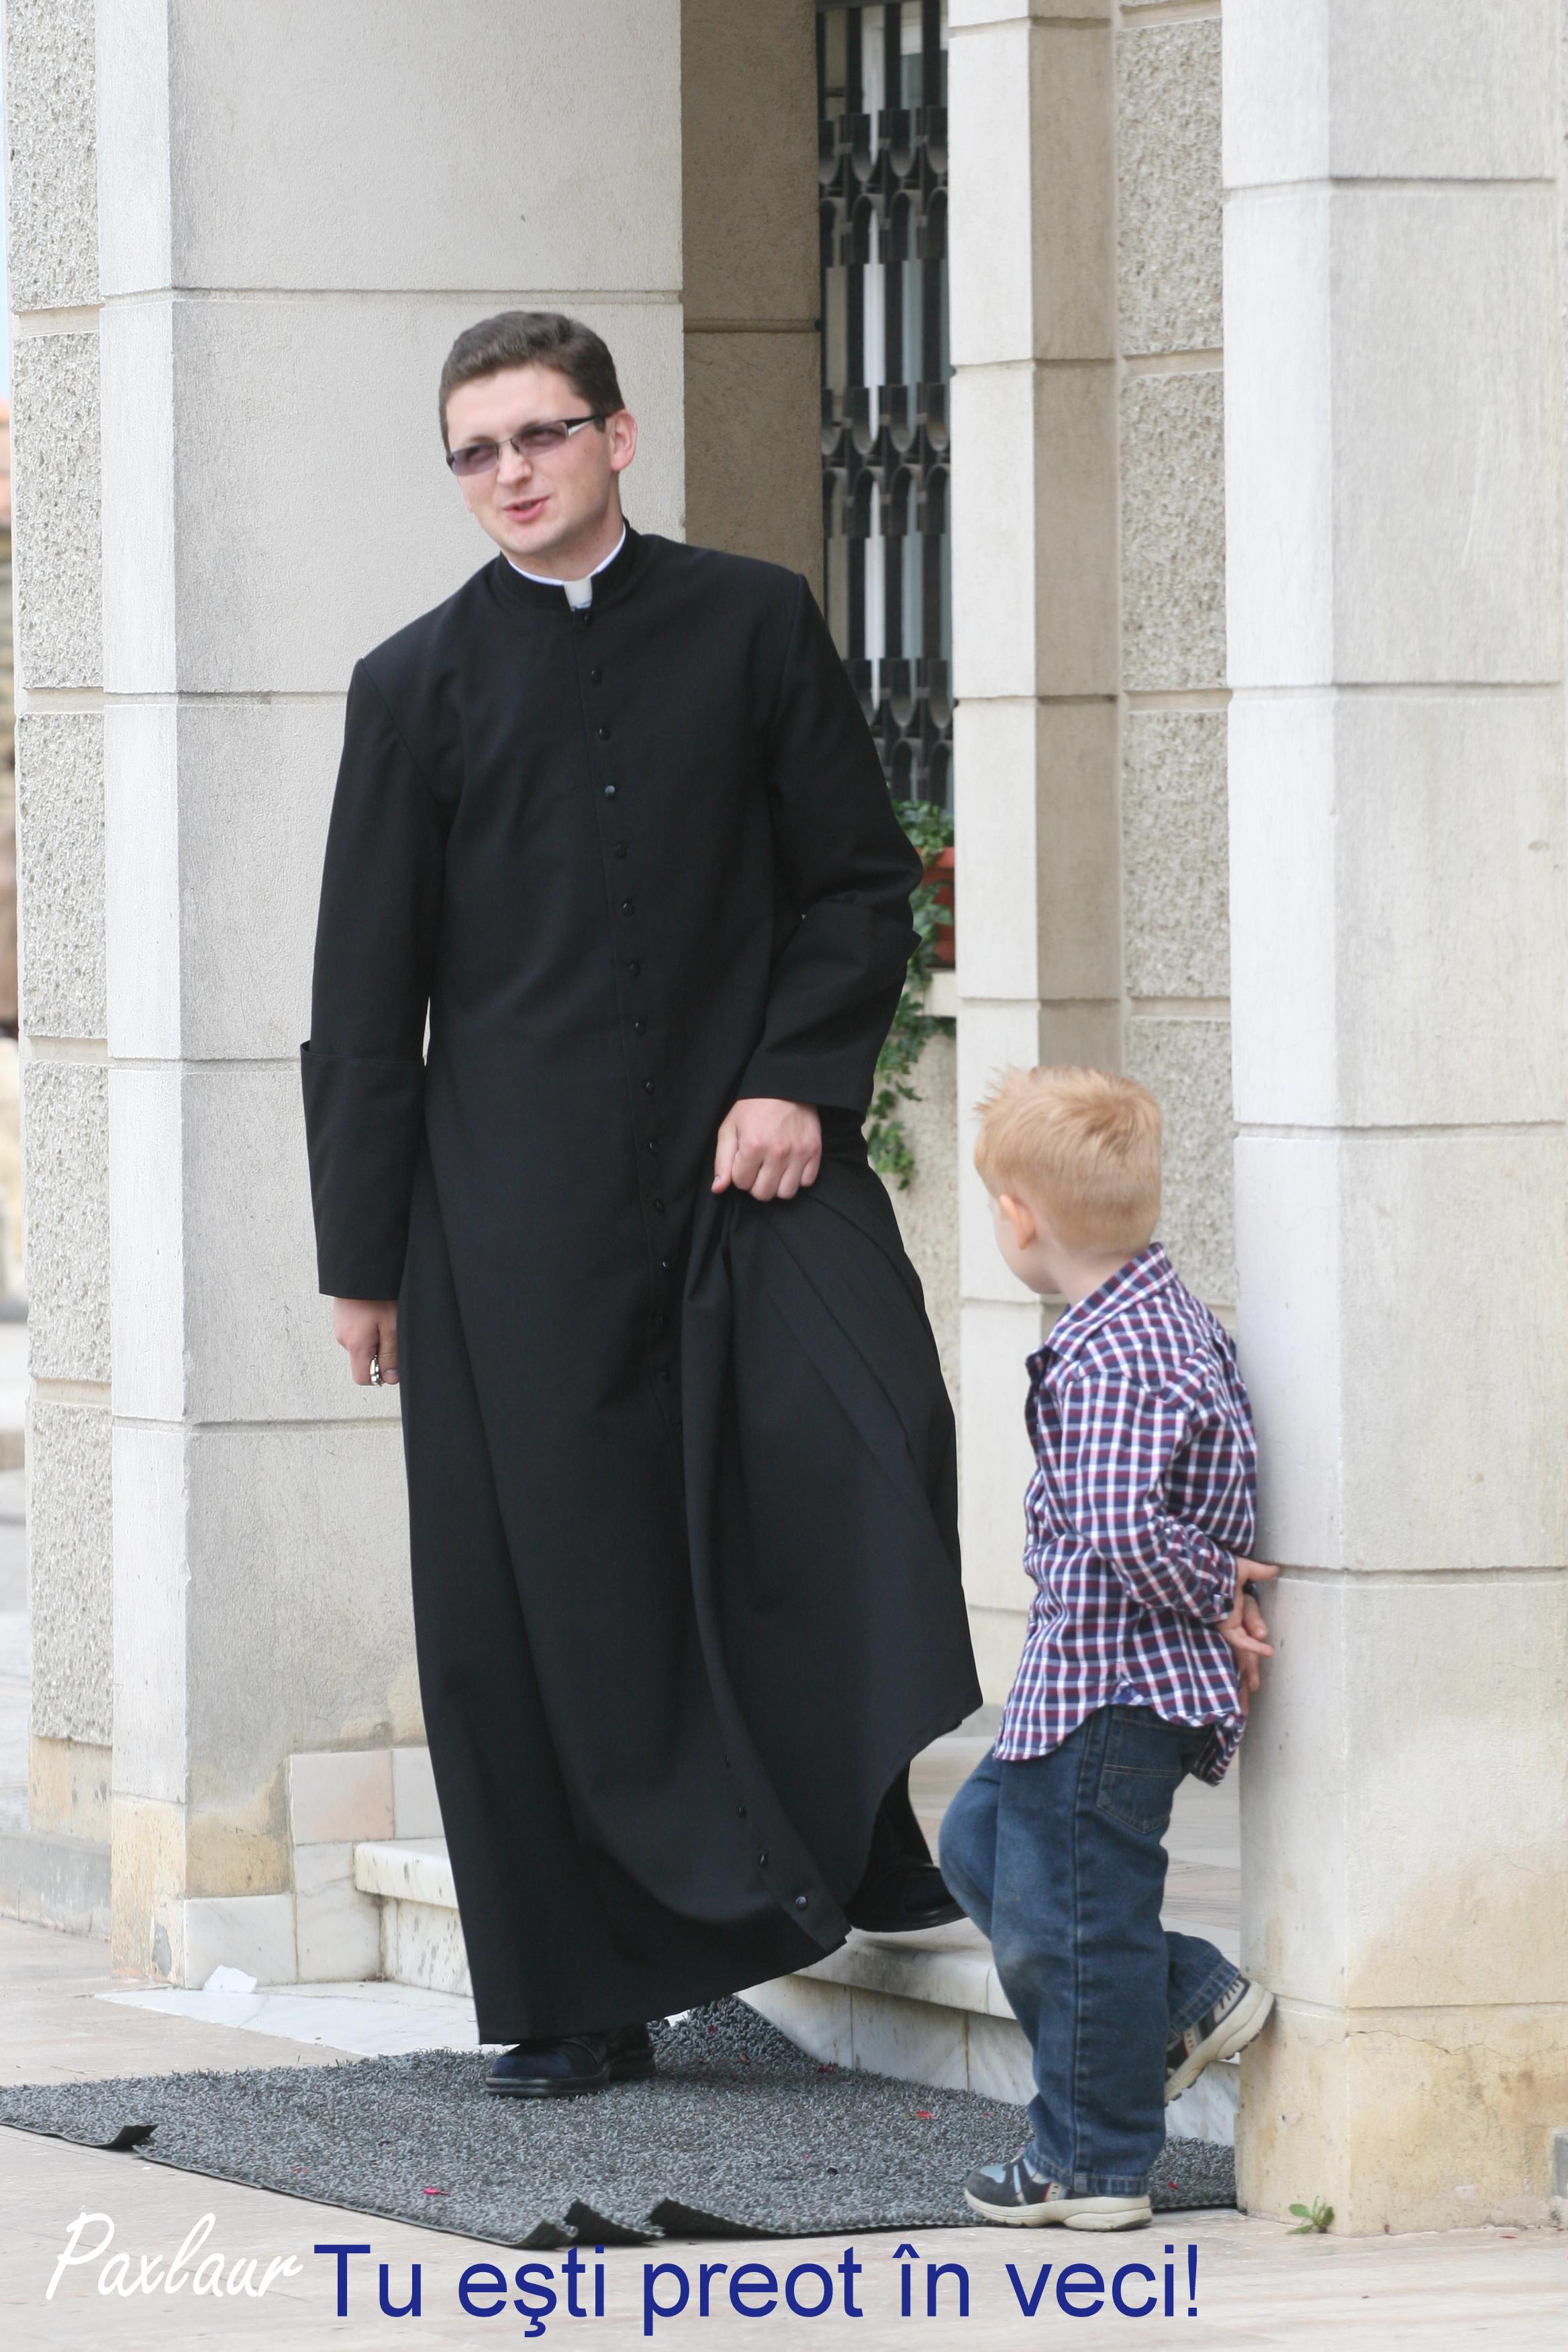 Tu esti preot in veci